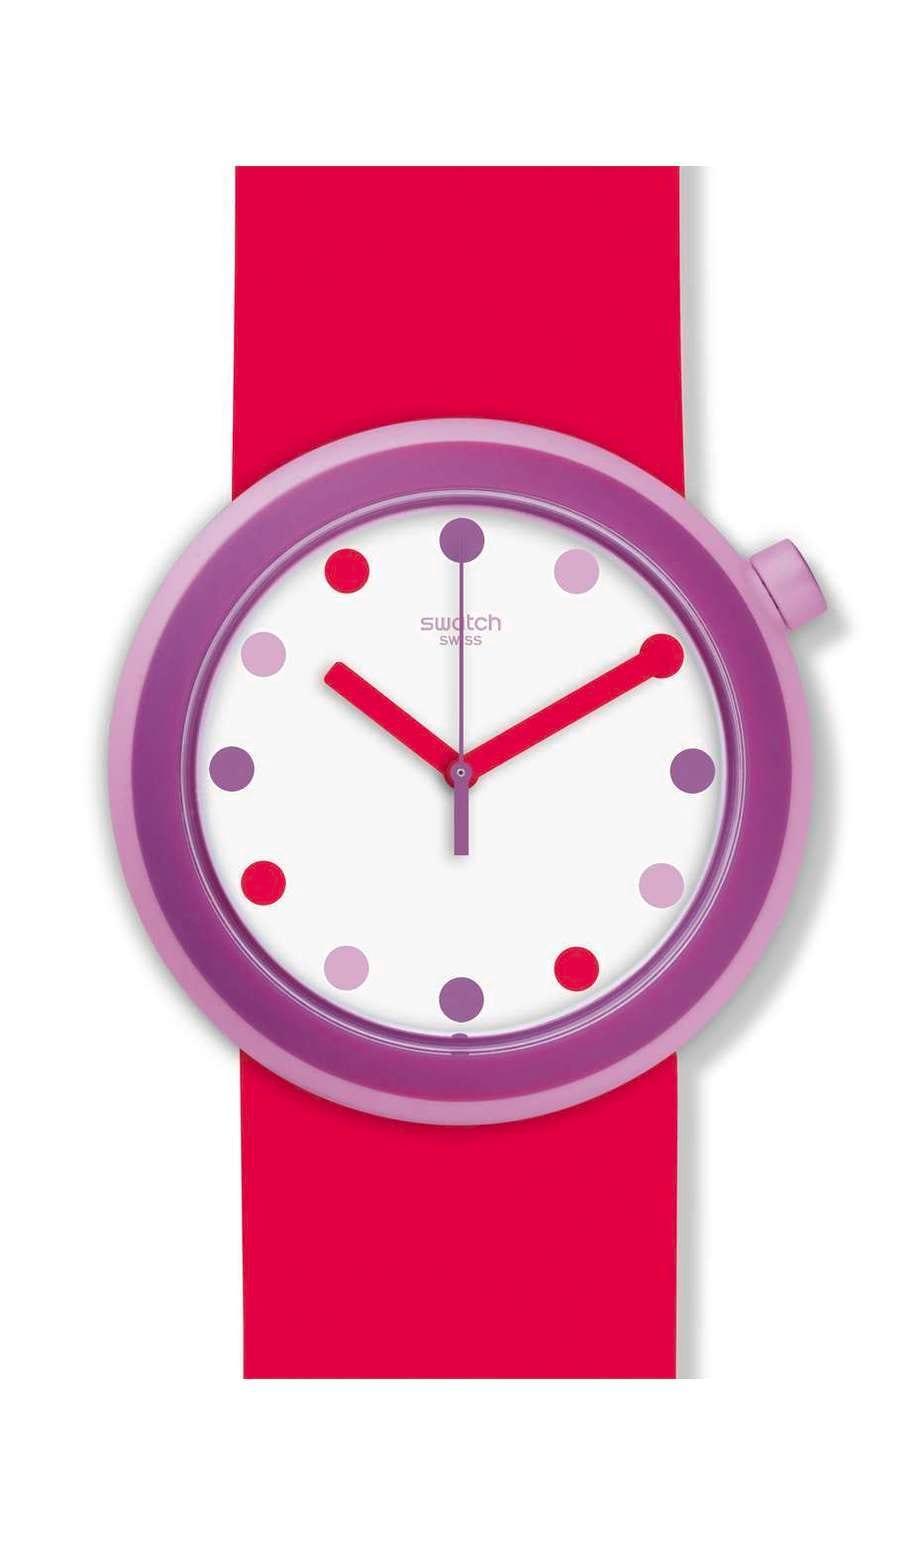 Swatch - POPalicious - 1